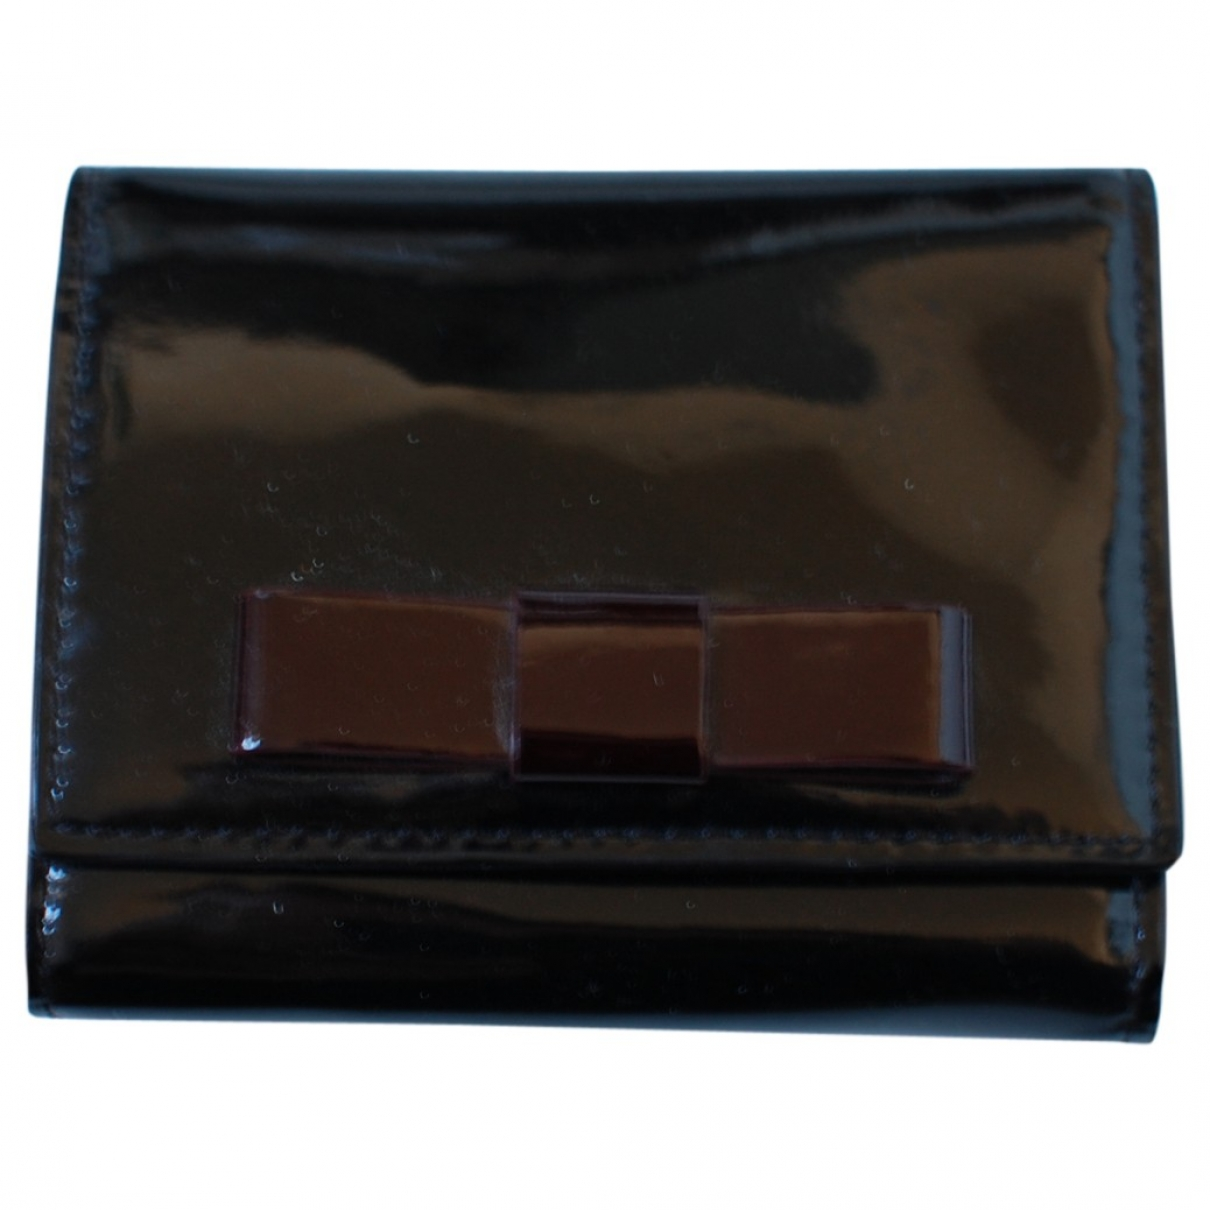 Max Mara - Petite maroquinerie   pour femme en cuir verni - noir